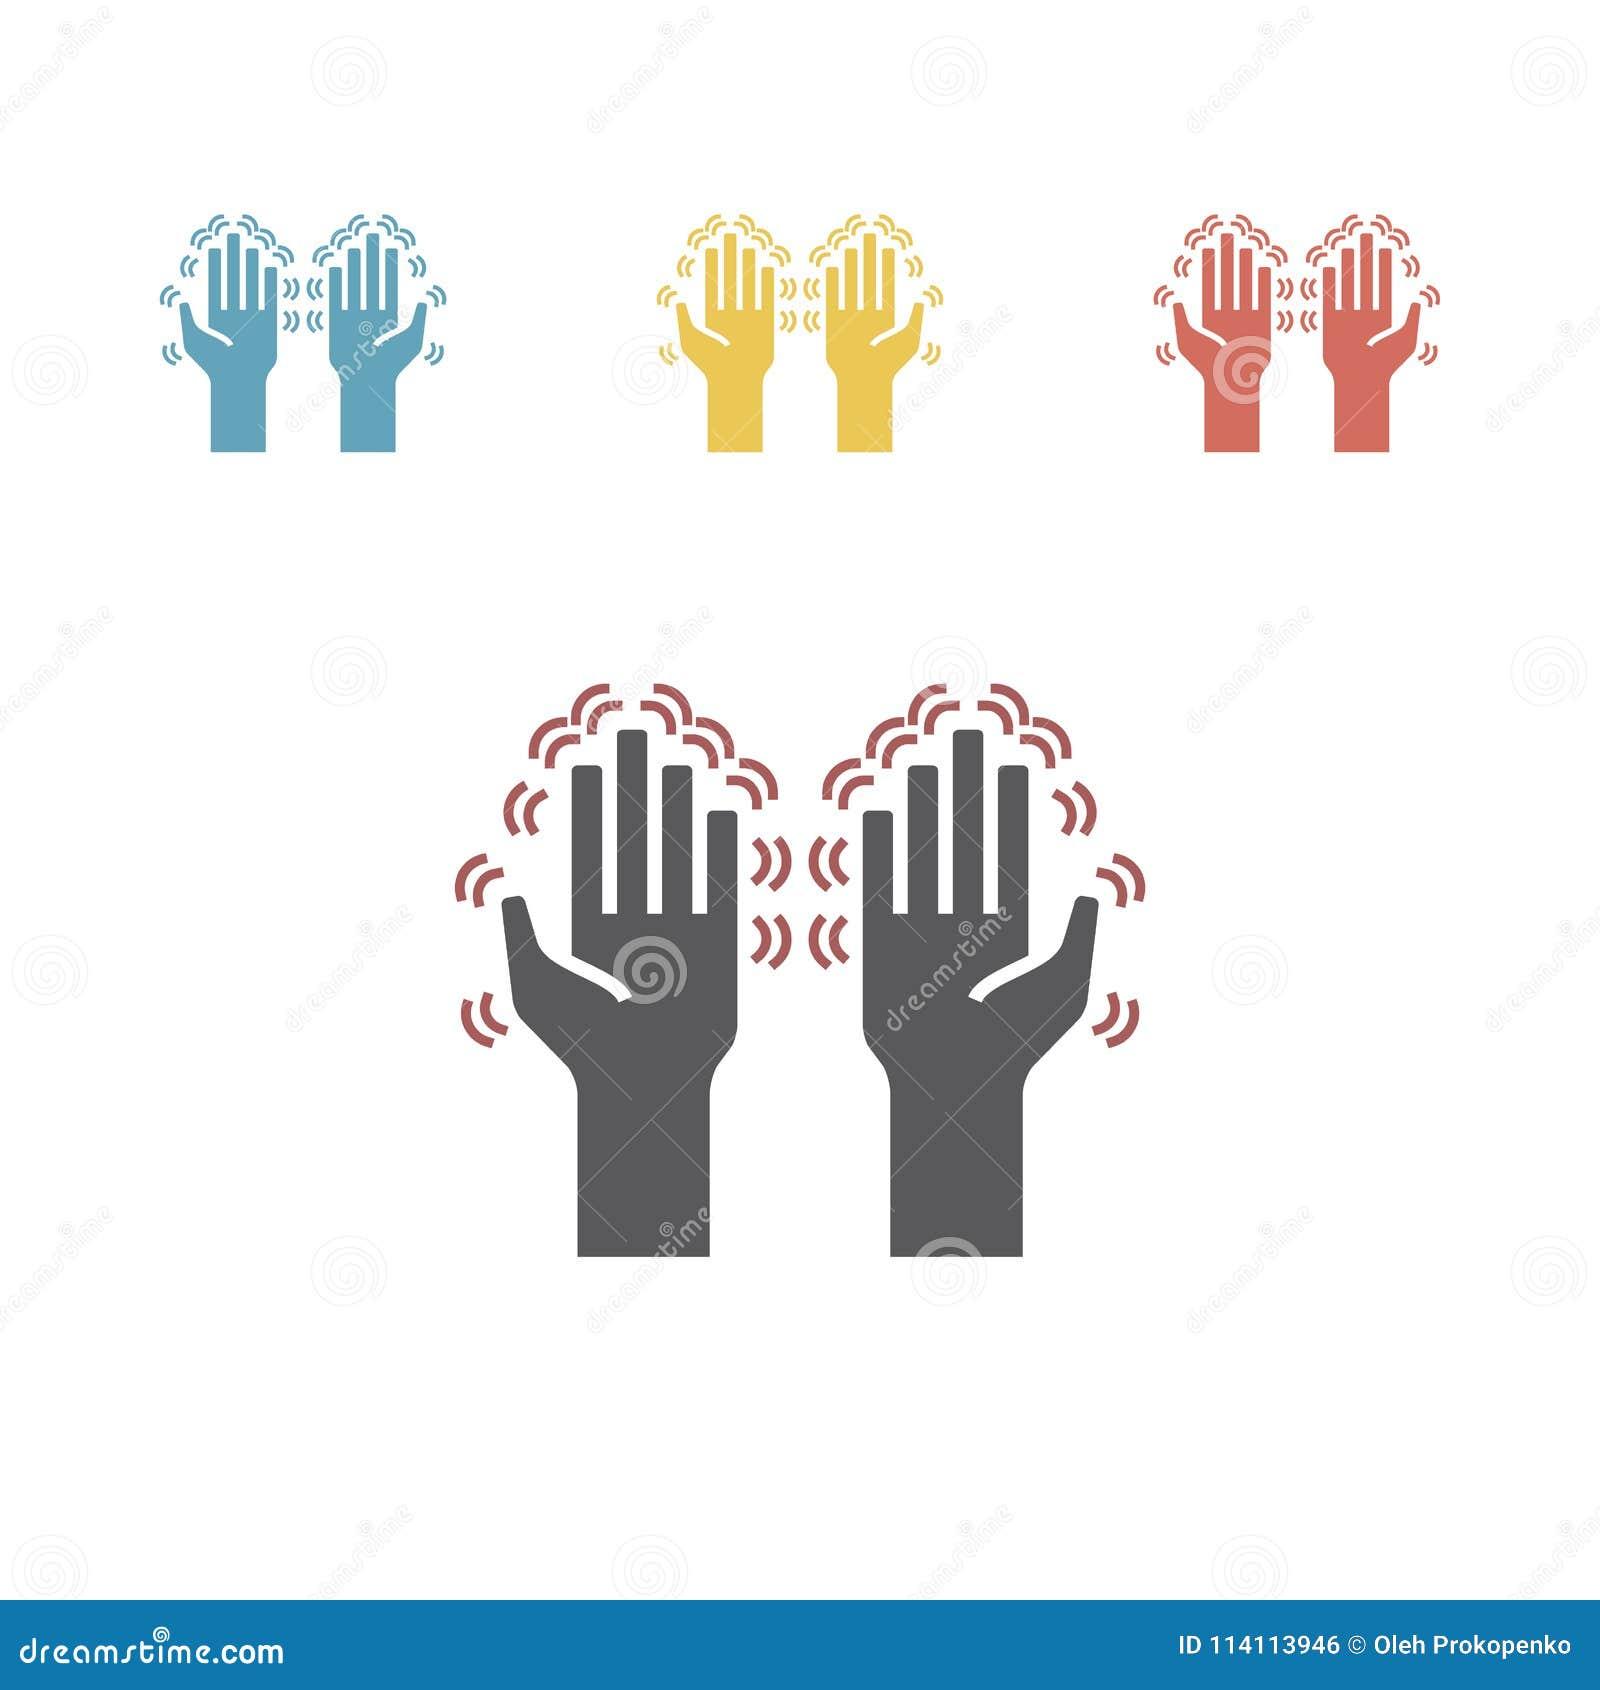 Tremor hands. Vector illustration